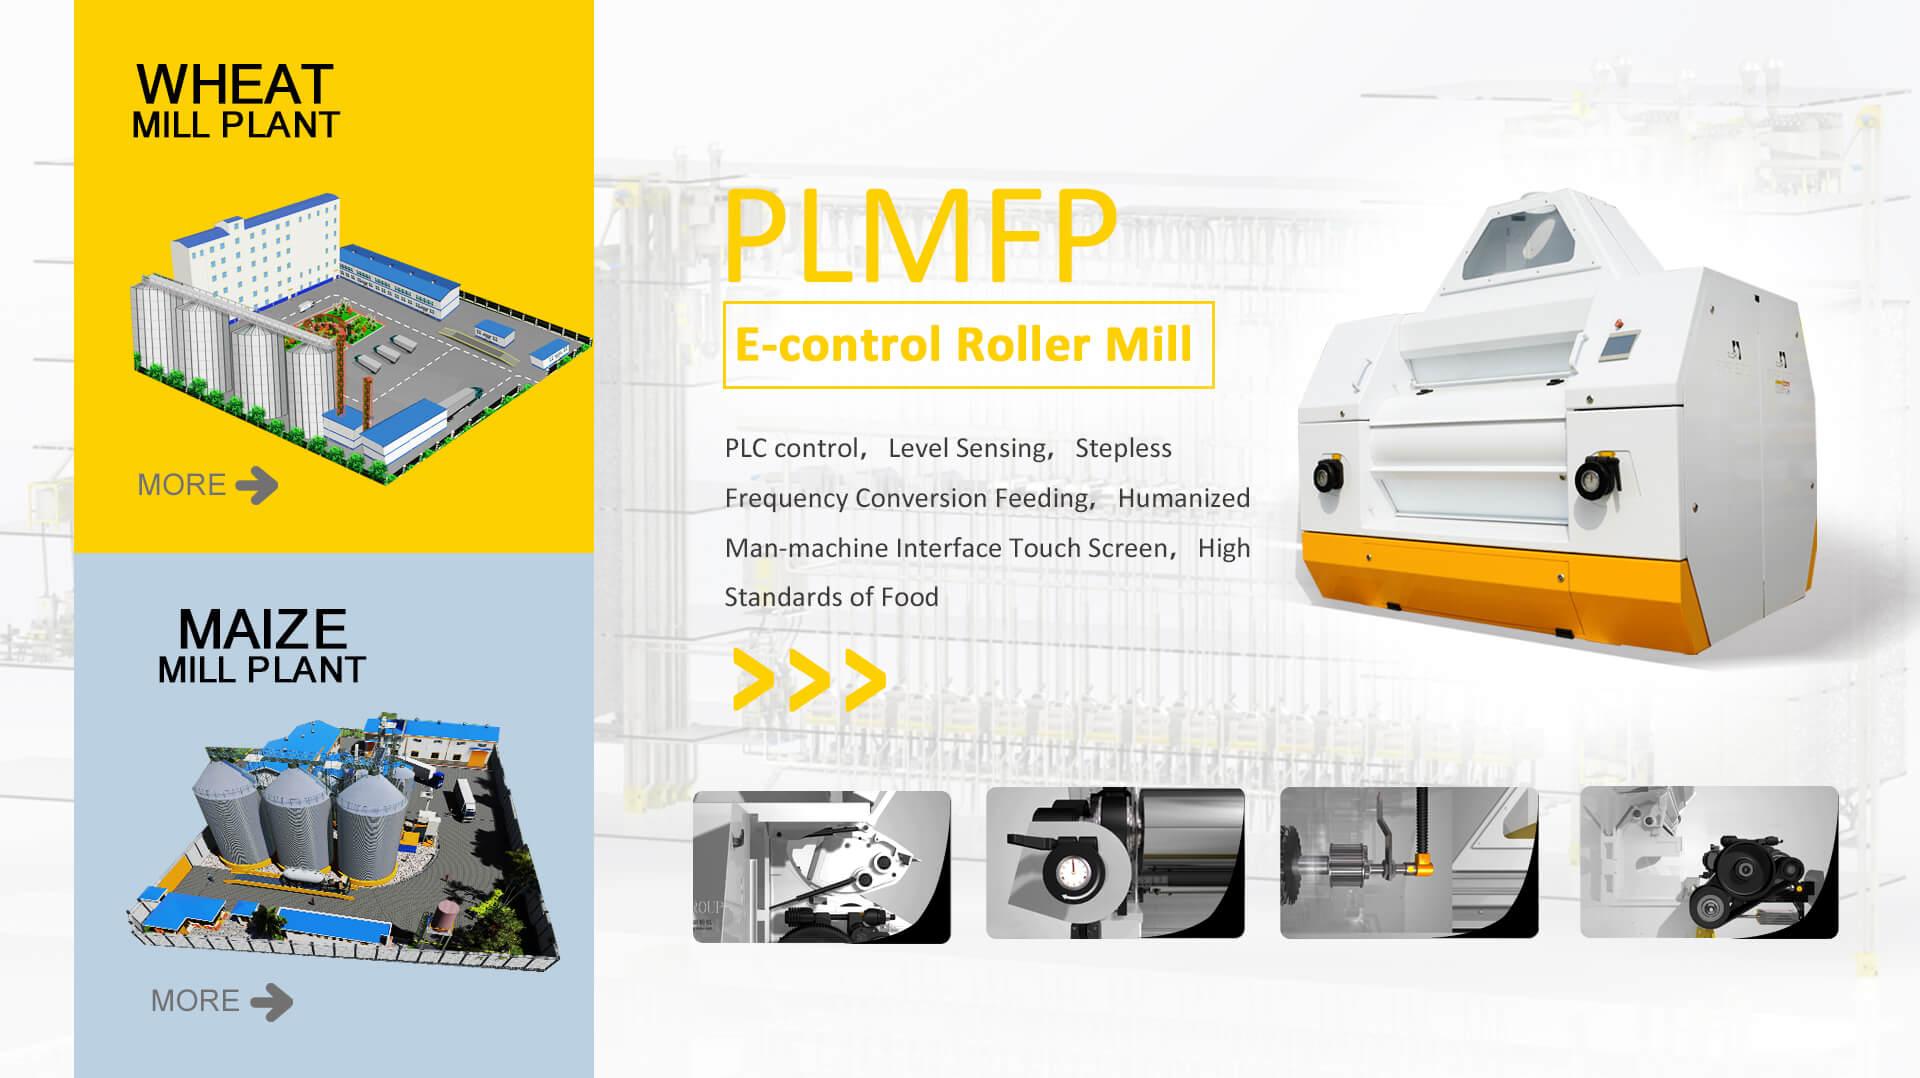 Вальцовая мельница PLMFP E-control